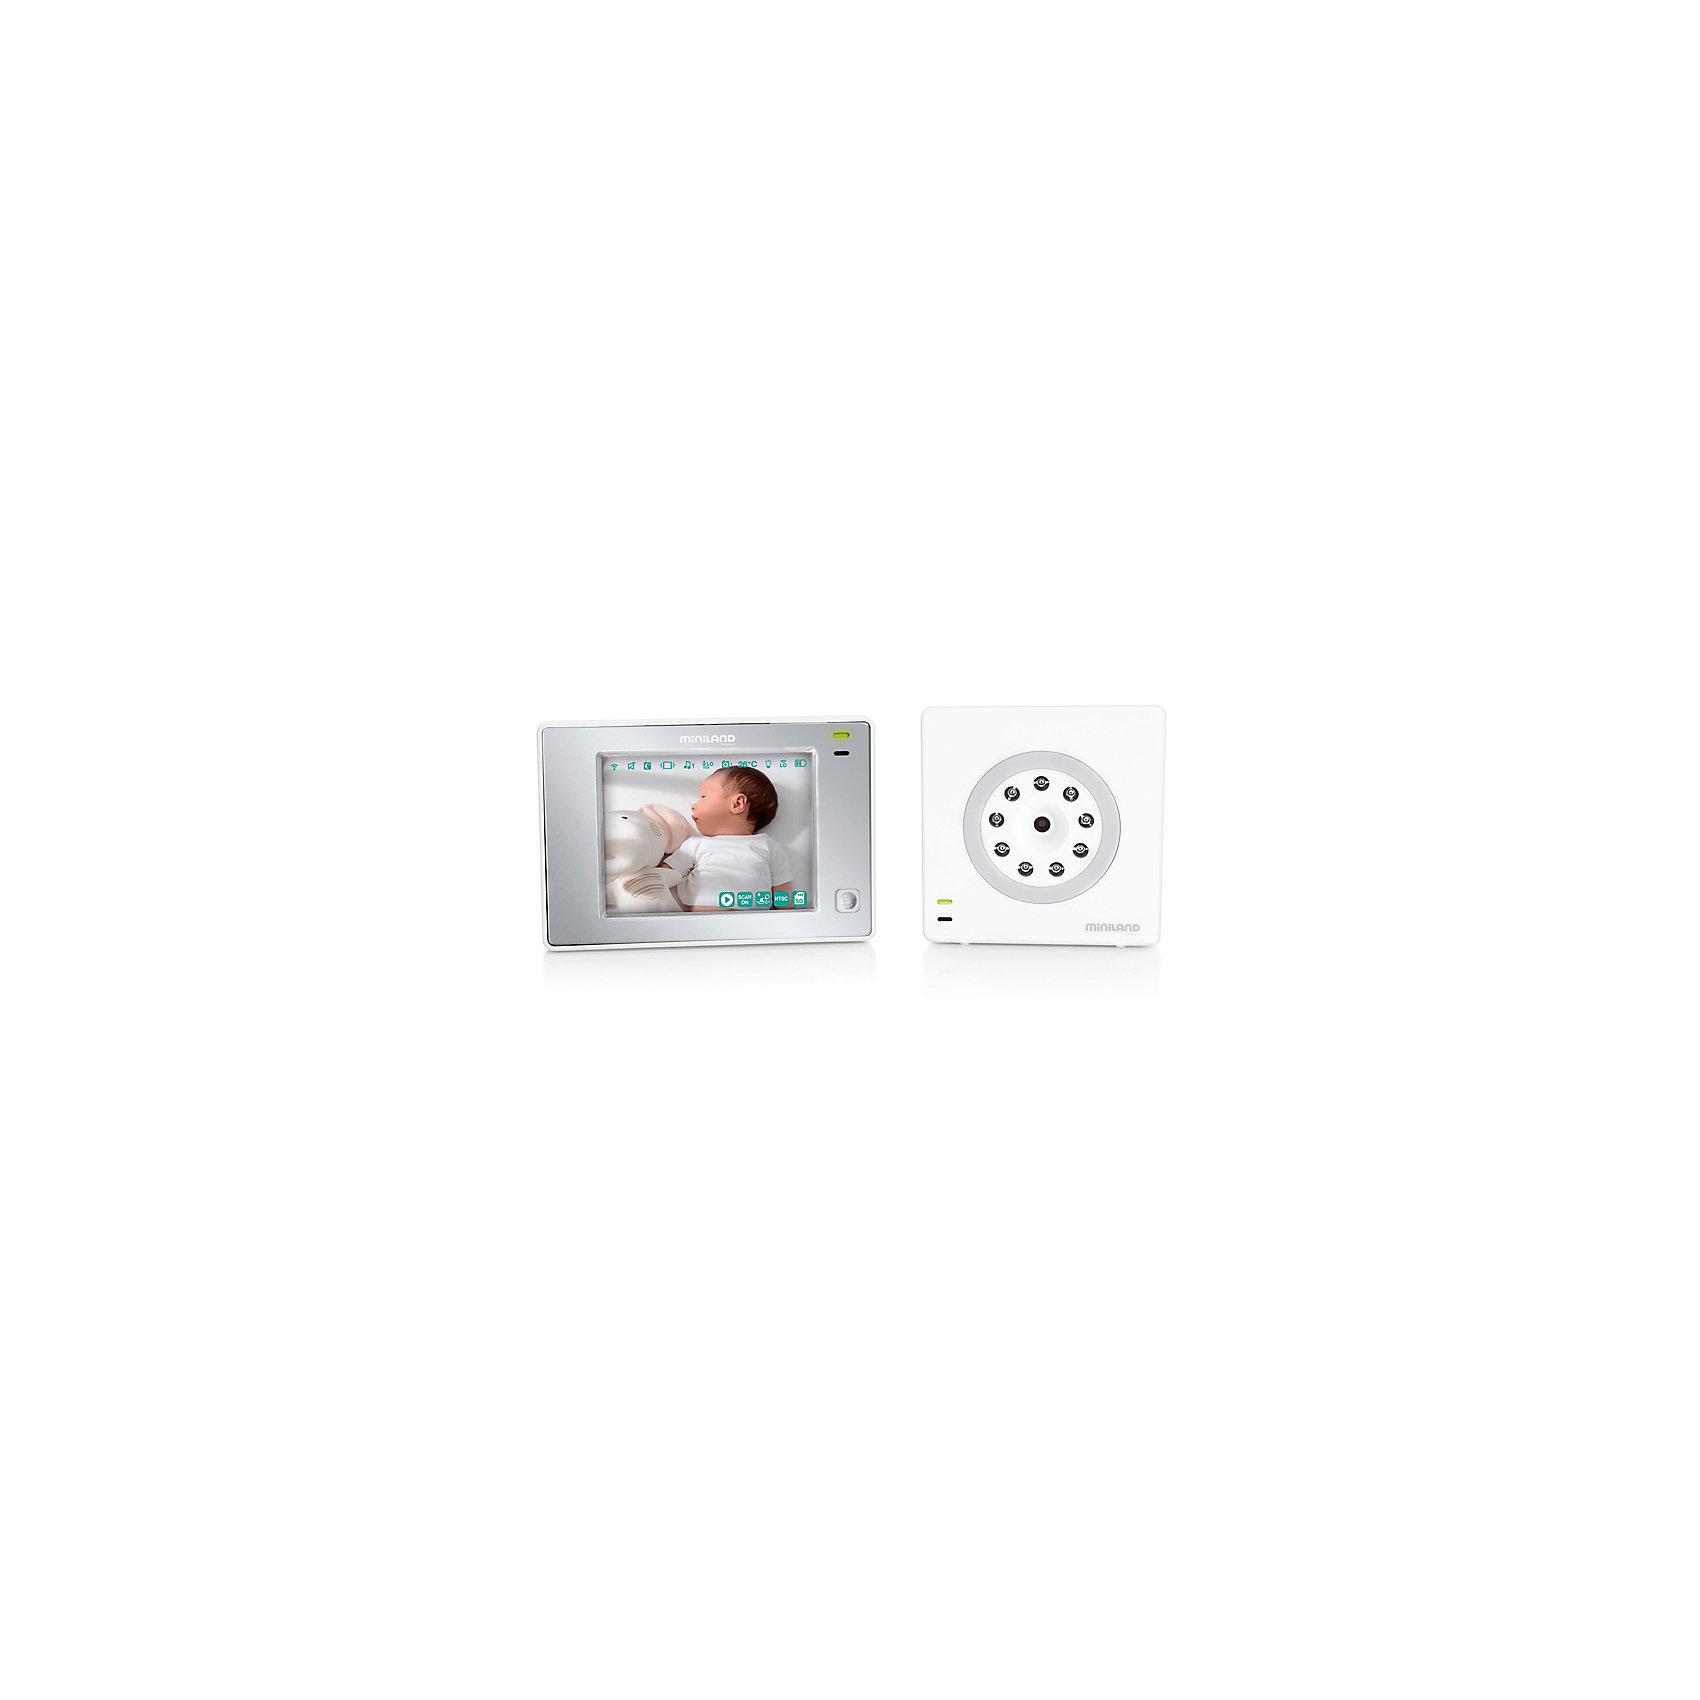 Видеоняня Digimonitor 3,5 Touch New, MinilandДетская бытовая техника<br>Характеристики товара:<br><br>• цветной экран - 3,5 дюйма (8,9 см)<br>• радиус действия - до 300 м<br>• инфракрасная ночная подсветка, позволяющая получать картинку на • расстоянии до 3 метров<br>• подключение до 4 независимых камер<br>• Вкл/Выкл по датчику звука<br>• 3 колыбельных, двусторонняя аудио связь<br>• удаленный мониторинг через ПК, смартфоны и планшеты<br>• AV-выход для подключения к ТВ или монитору<br>• гибкий штатив-тренога для видеокамеры, пульт дистанционного управления<br>• функция вибросигнала (для шумных помещений и для слабослышащих людей)<br>• функция записи видео и фото<br>• технология ECOTECH: технология позволяет снизить потребление электроэнергии<br>• 3- кратный зум для того, чтобы рассмотреть даже самые мелкие детали<br>• датчик температуры с функцией оповещения<br>• двусторонняя связь, можно видеть, слышать и говорить с ребенком<br>• камера с ночным видением и подсветкой<br>• 5 колыбельных мелодий, индикатор громкости и ночник управляются с родительского блока<br>• 8 языков, включая русский<br>• аккумуляторные батарейки    <br><br>Видеоняня Miniland Digimonitor 3,5 Touch - это забота о безопасности малыша, полный контроль за действиями крохи, за счет четкого видеонаблюдения с мягким свечением, как днем, так и в ночное время суток. <br><br>Возможность наблюдать за ребенком из любой точки мира через смартфон, планшет или компьютер и сайт eMyBaby.com, если ребенок остался дома с бабушкой или няней.<br><br>Видеоняня Digimonitor 3,5 Touch (new) можно купить в нашем интернет-магазине.<br><br>Ширина мм: 330<br>Глубина мм: 280<br>Высота мм: 75<br>Вес г: 1000<br>Возраст от месяцев: 4<br>Возраст до месяцев: 36<br>Пол: Унисекс<br>Возраст: Детский<br>SKU: 5589106